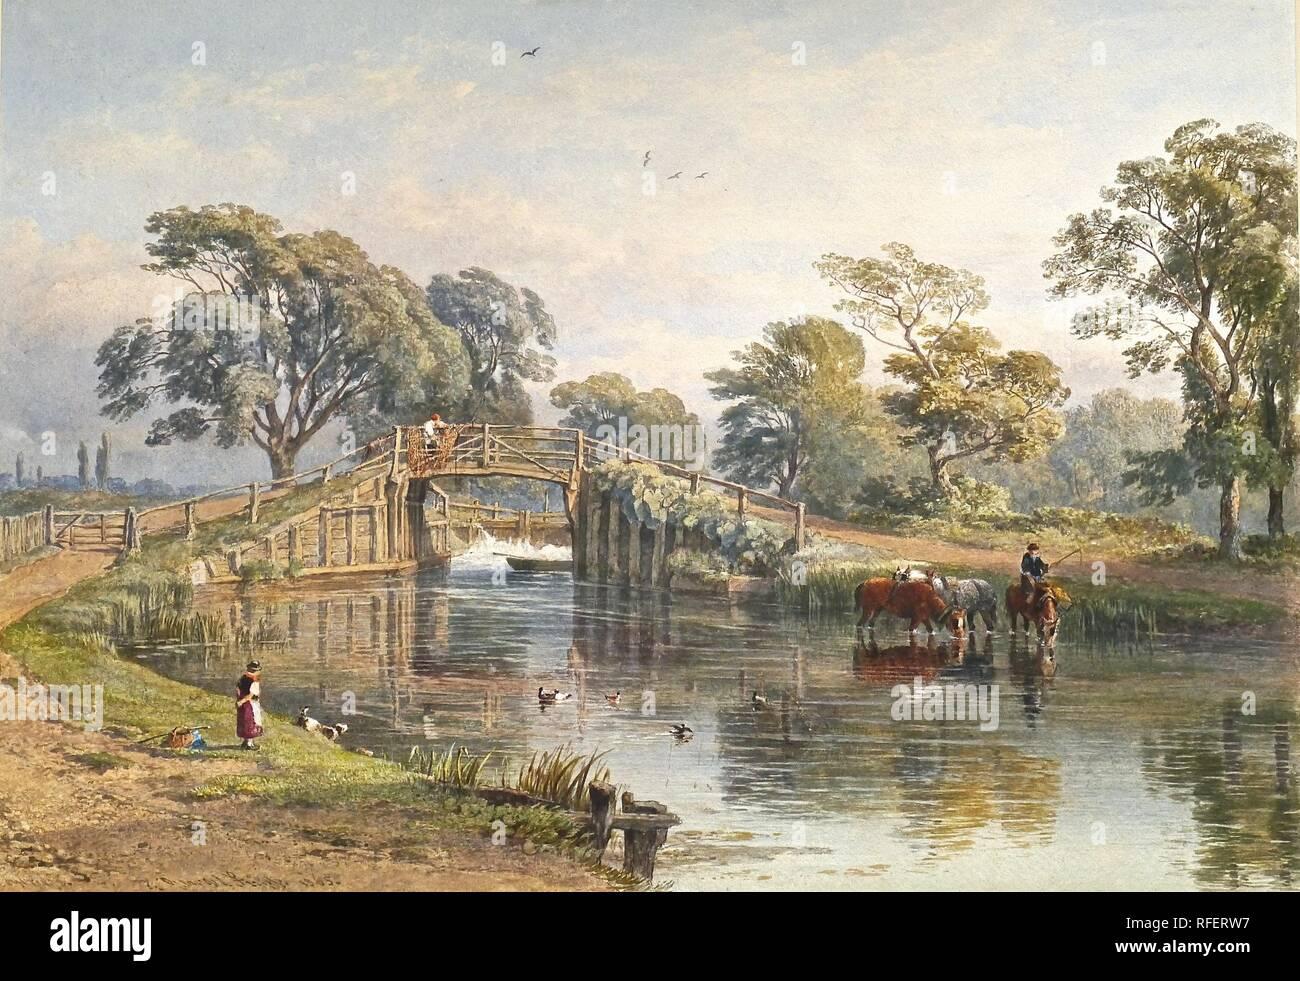 GEORGE ARTHUR FRIPP - b 1821- D 1906 Weybridge, inscrit au titre signé et daté 1865, aquarelle rehaussée de blanc.jpg - RFERW7 Photo Stock